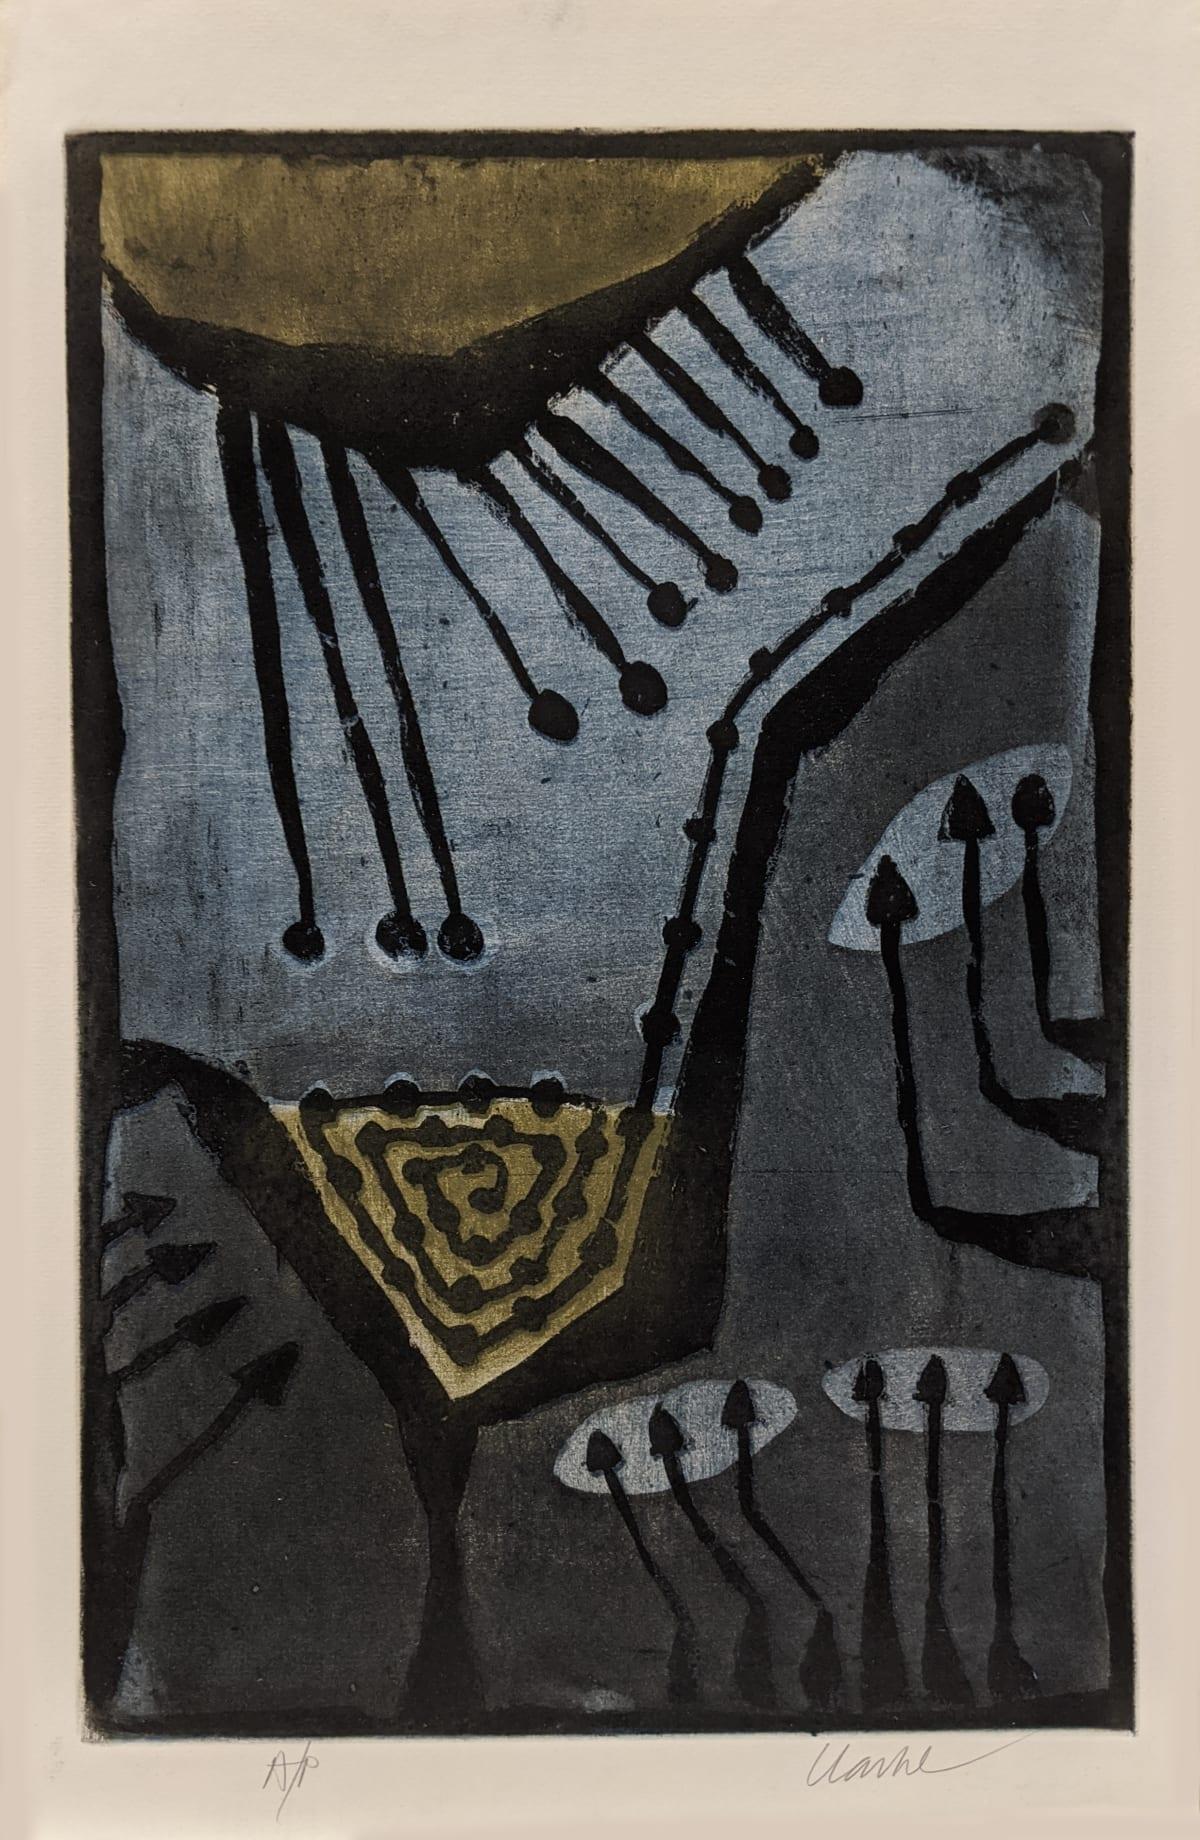 Geoffrey Clarke, Nature (125), 1951